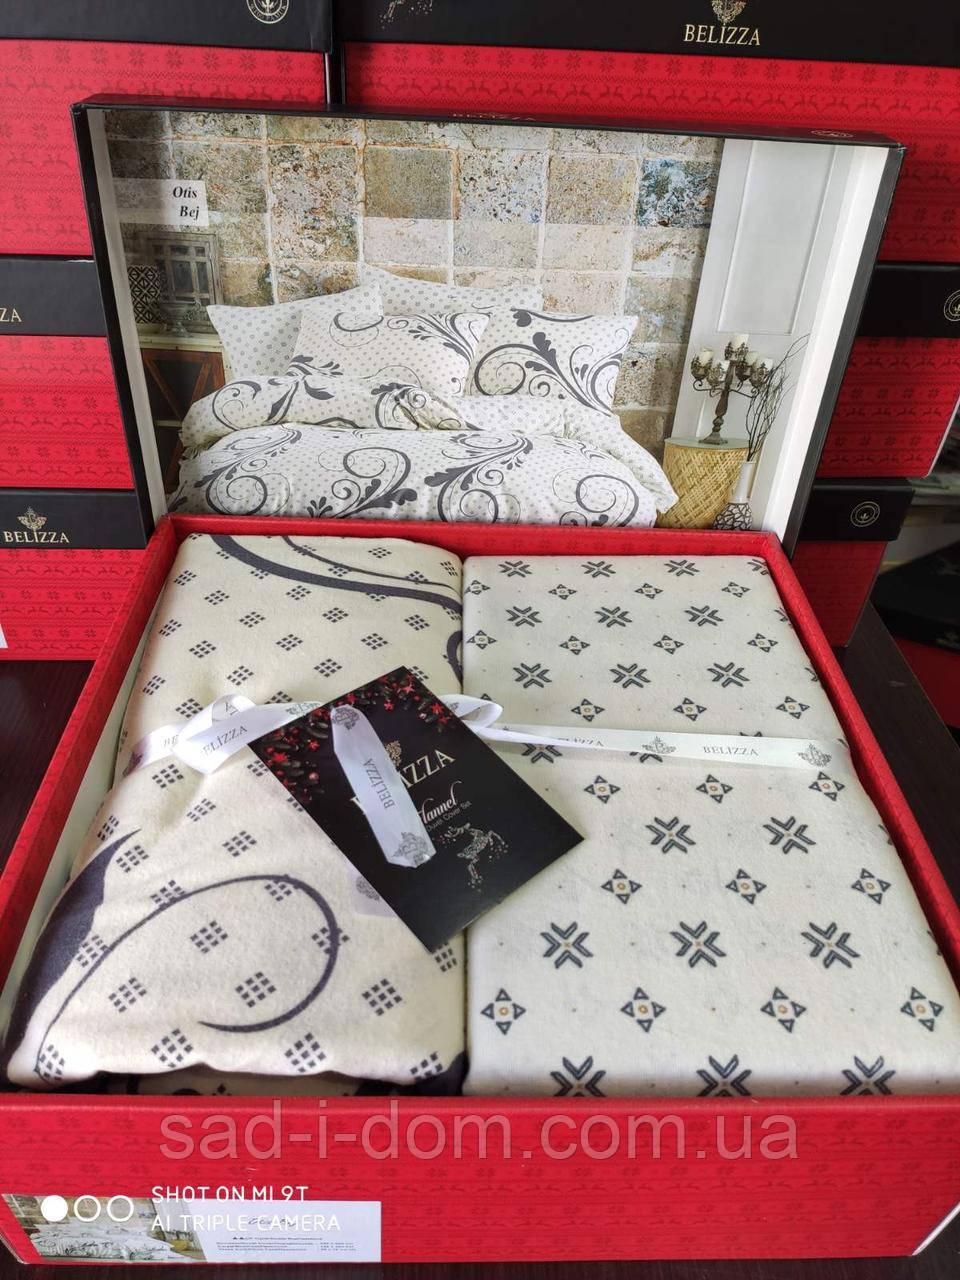 Комплект постельного белья, фланель евро размер